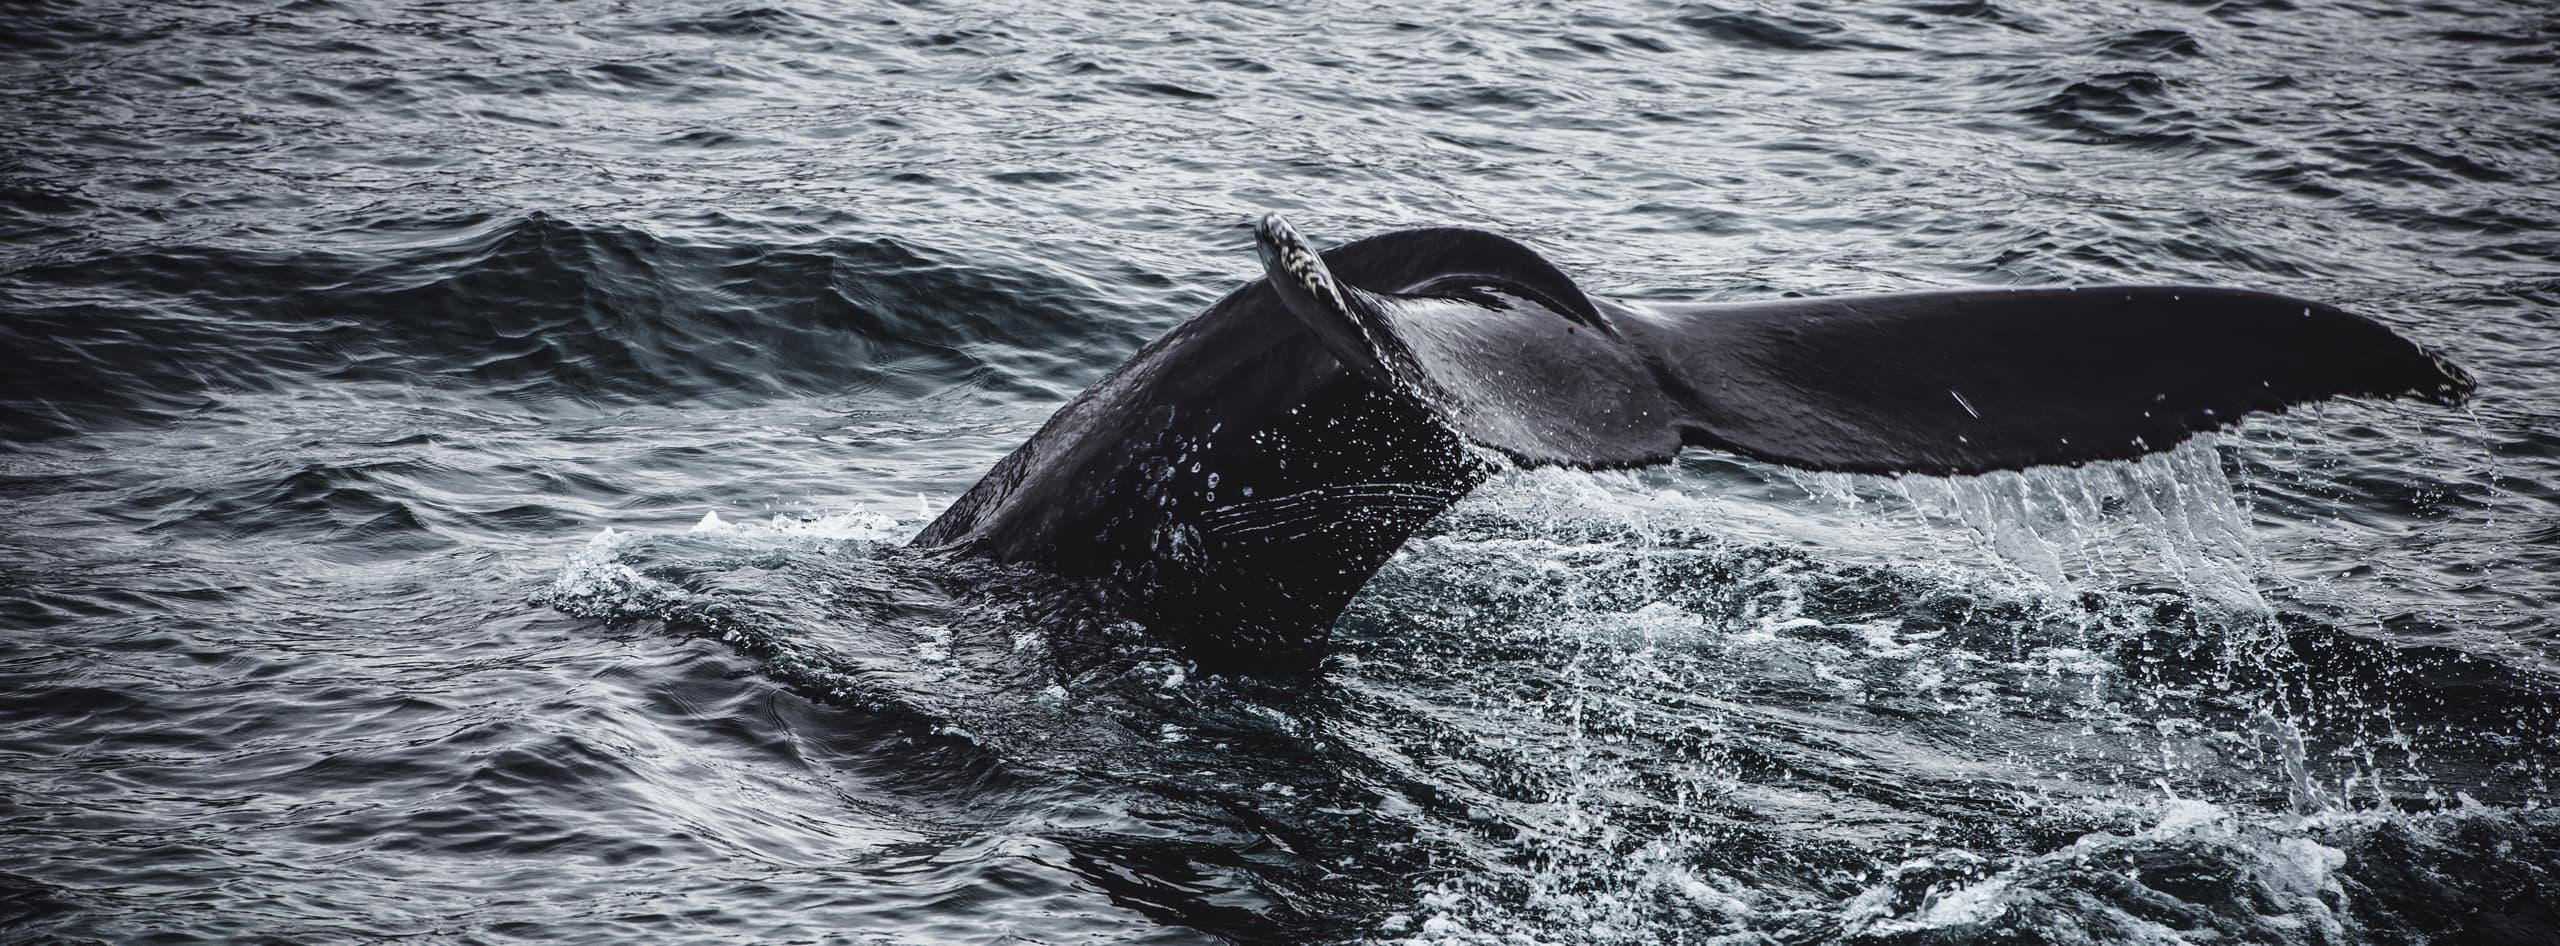 Queue de baleine en Islande